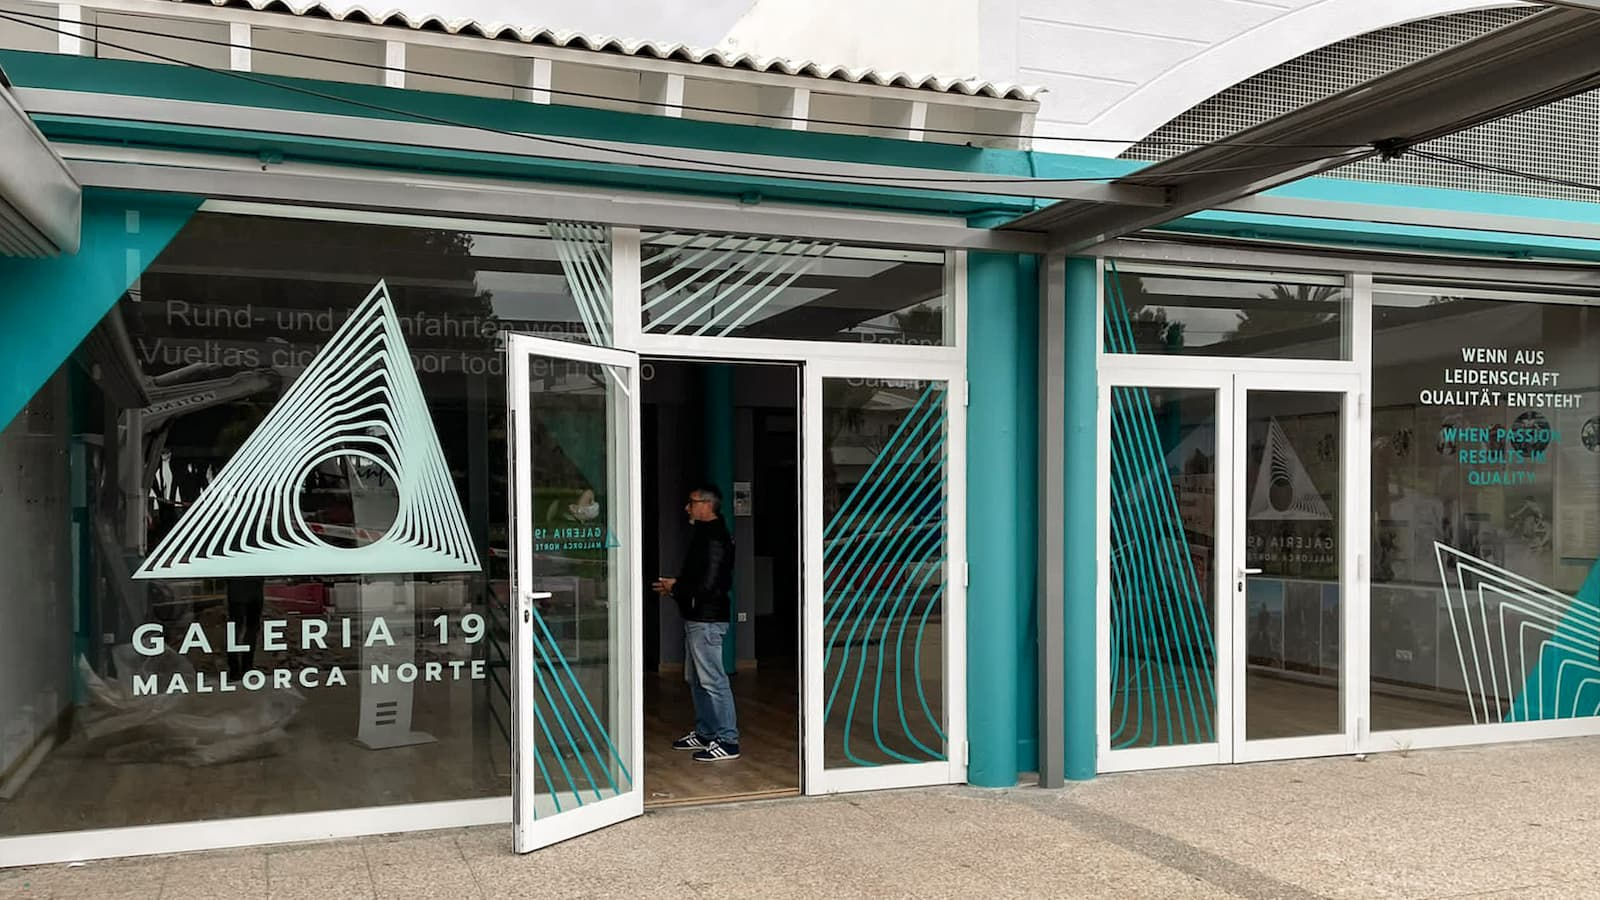 Galeria 19 Mallorca Norte Ladenlokal